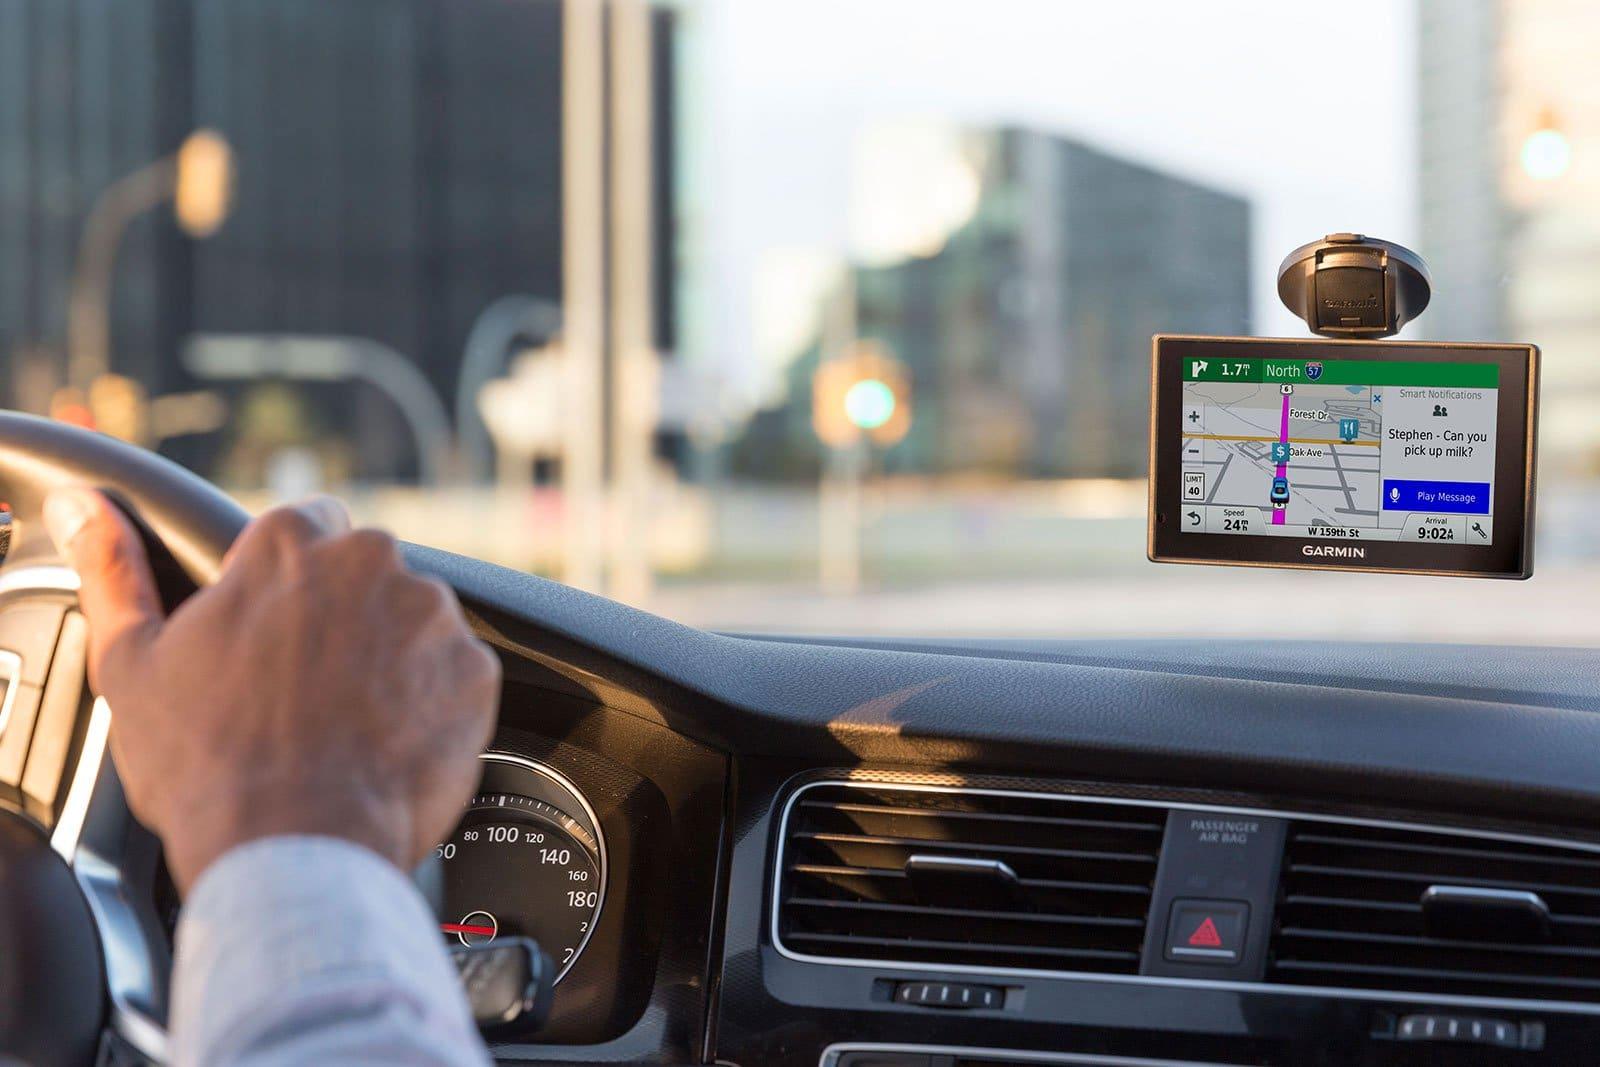 The 10 Best Garmin Car GPS Devices 2020